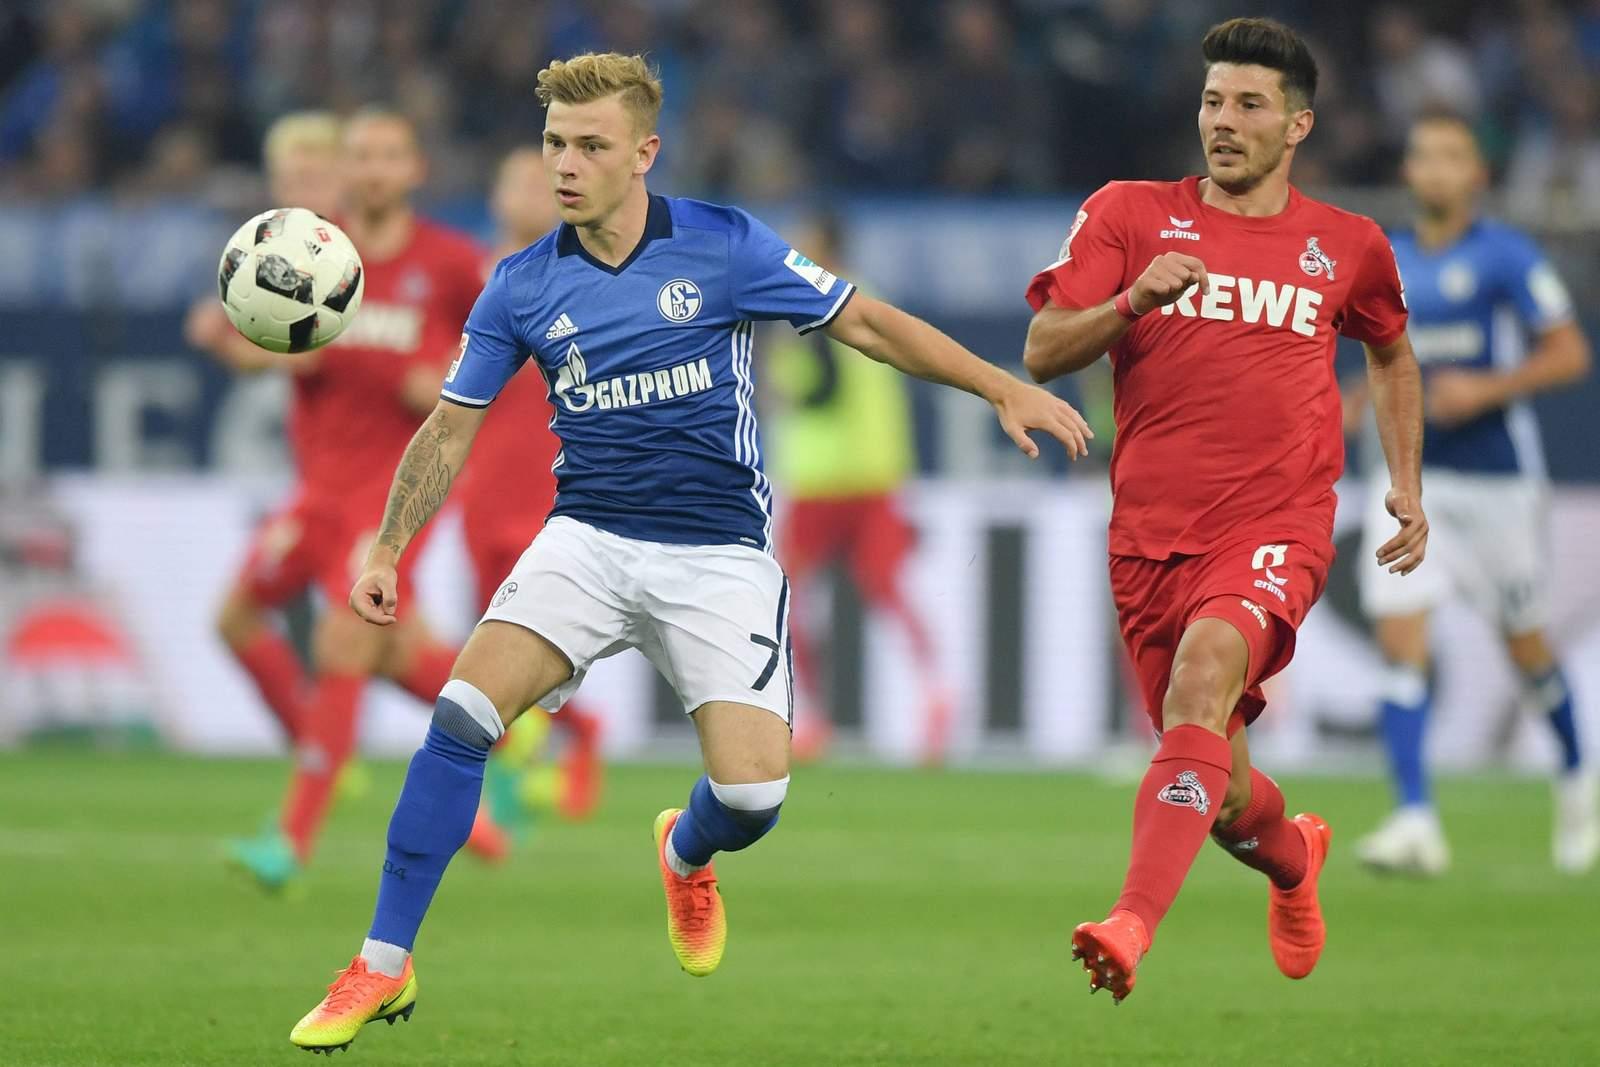 Max Meyer gegen Milos Jojic. Jetzt auf die Partie Köln gegen Schalke wetten.